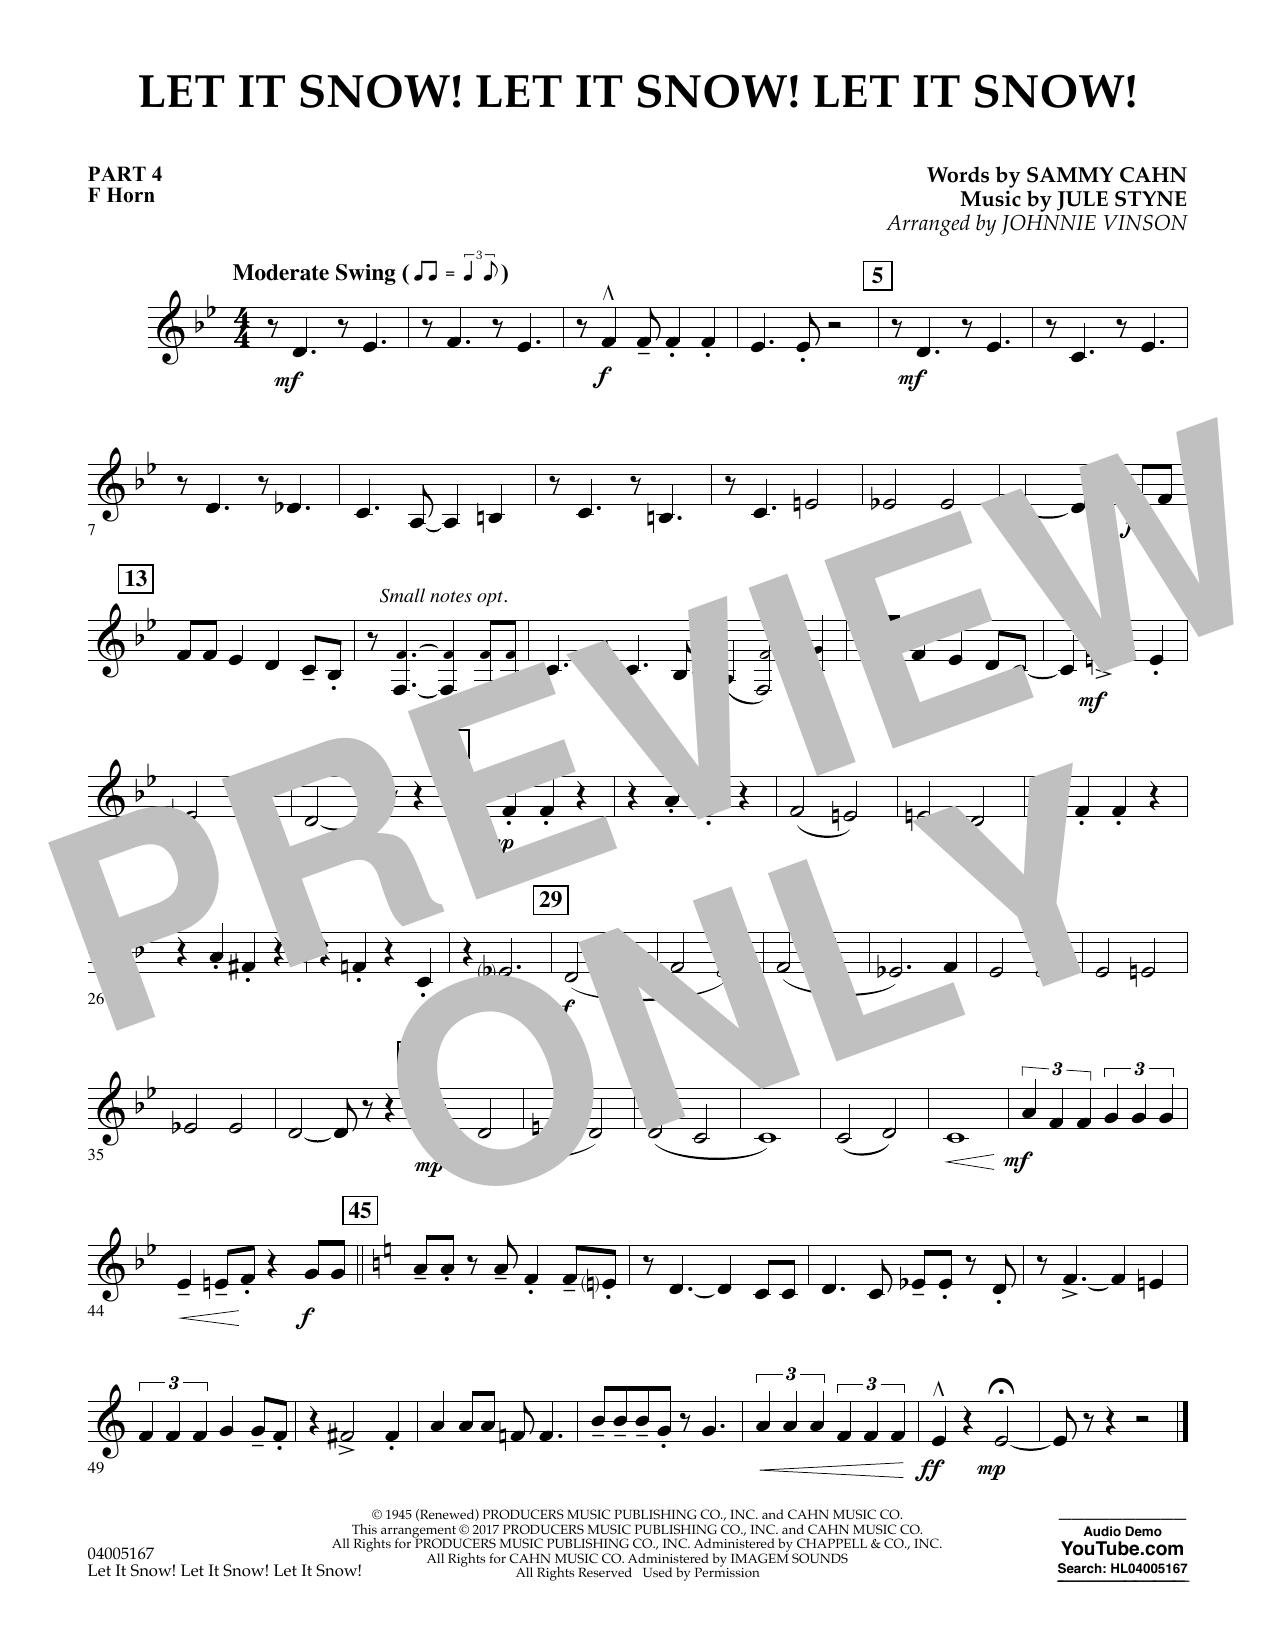 Let It Snow! Let It Snow! Let It Snow! - Pt.4 - F Horn (Concert Band)